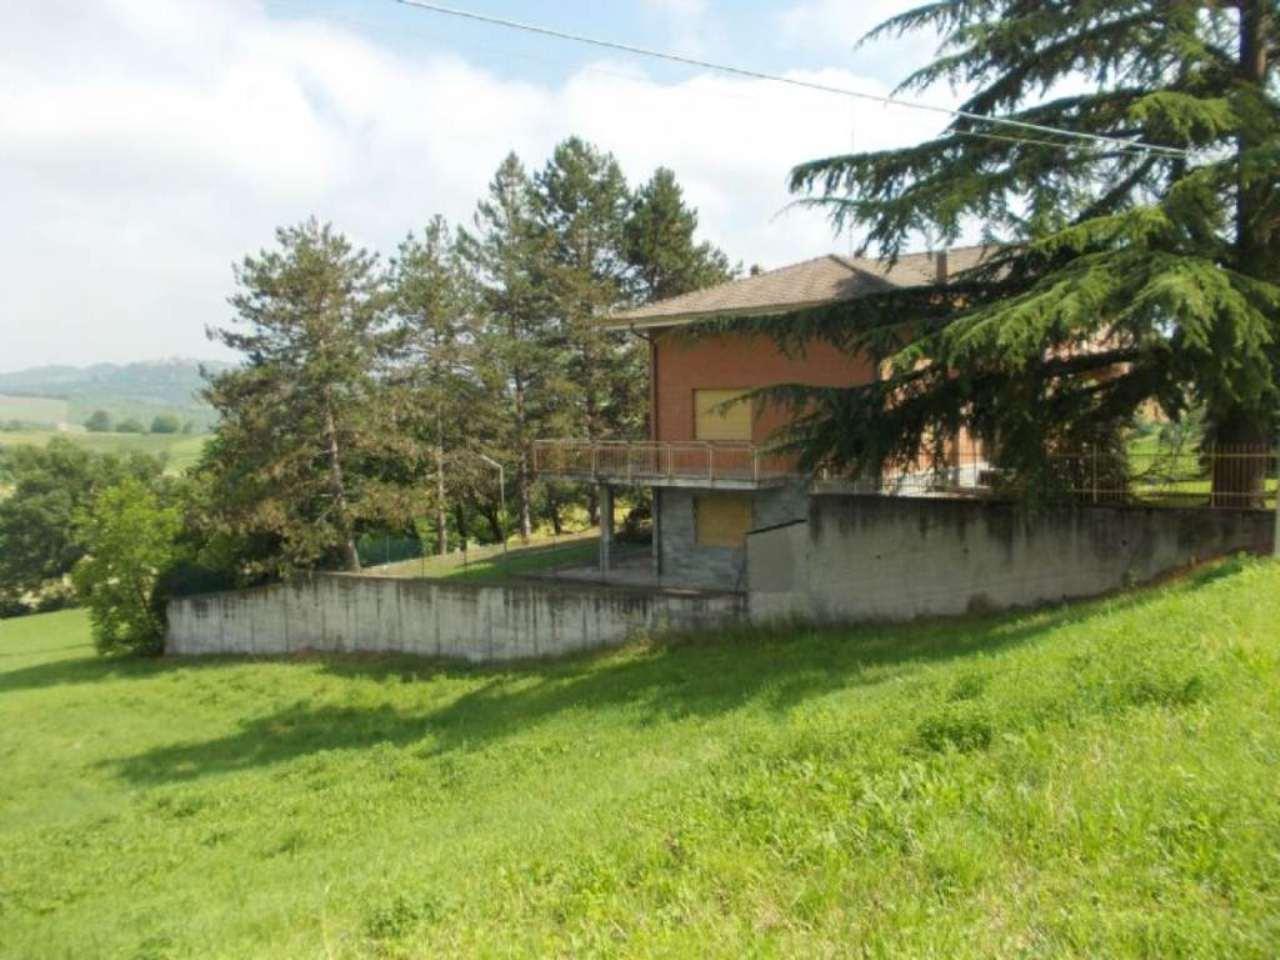 Villa in vendita a Murisengo, 10 locali, prezzo € 200.000 | Cambio Casa.it